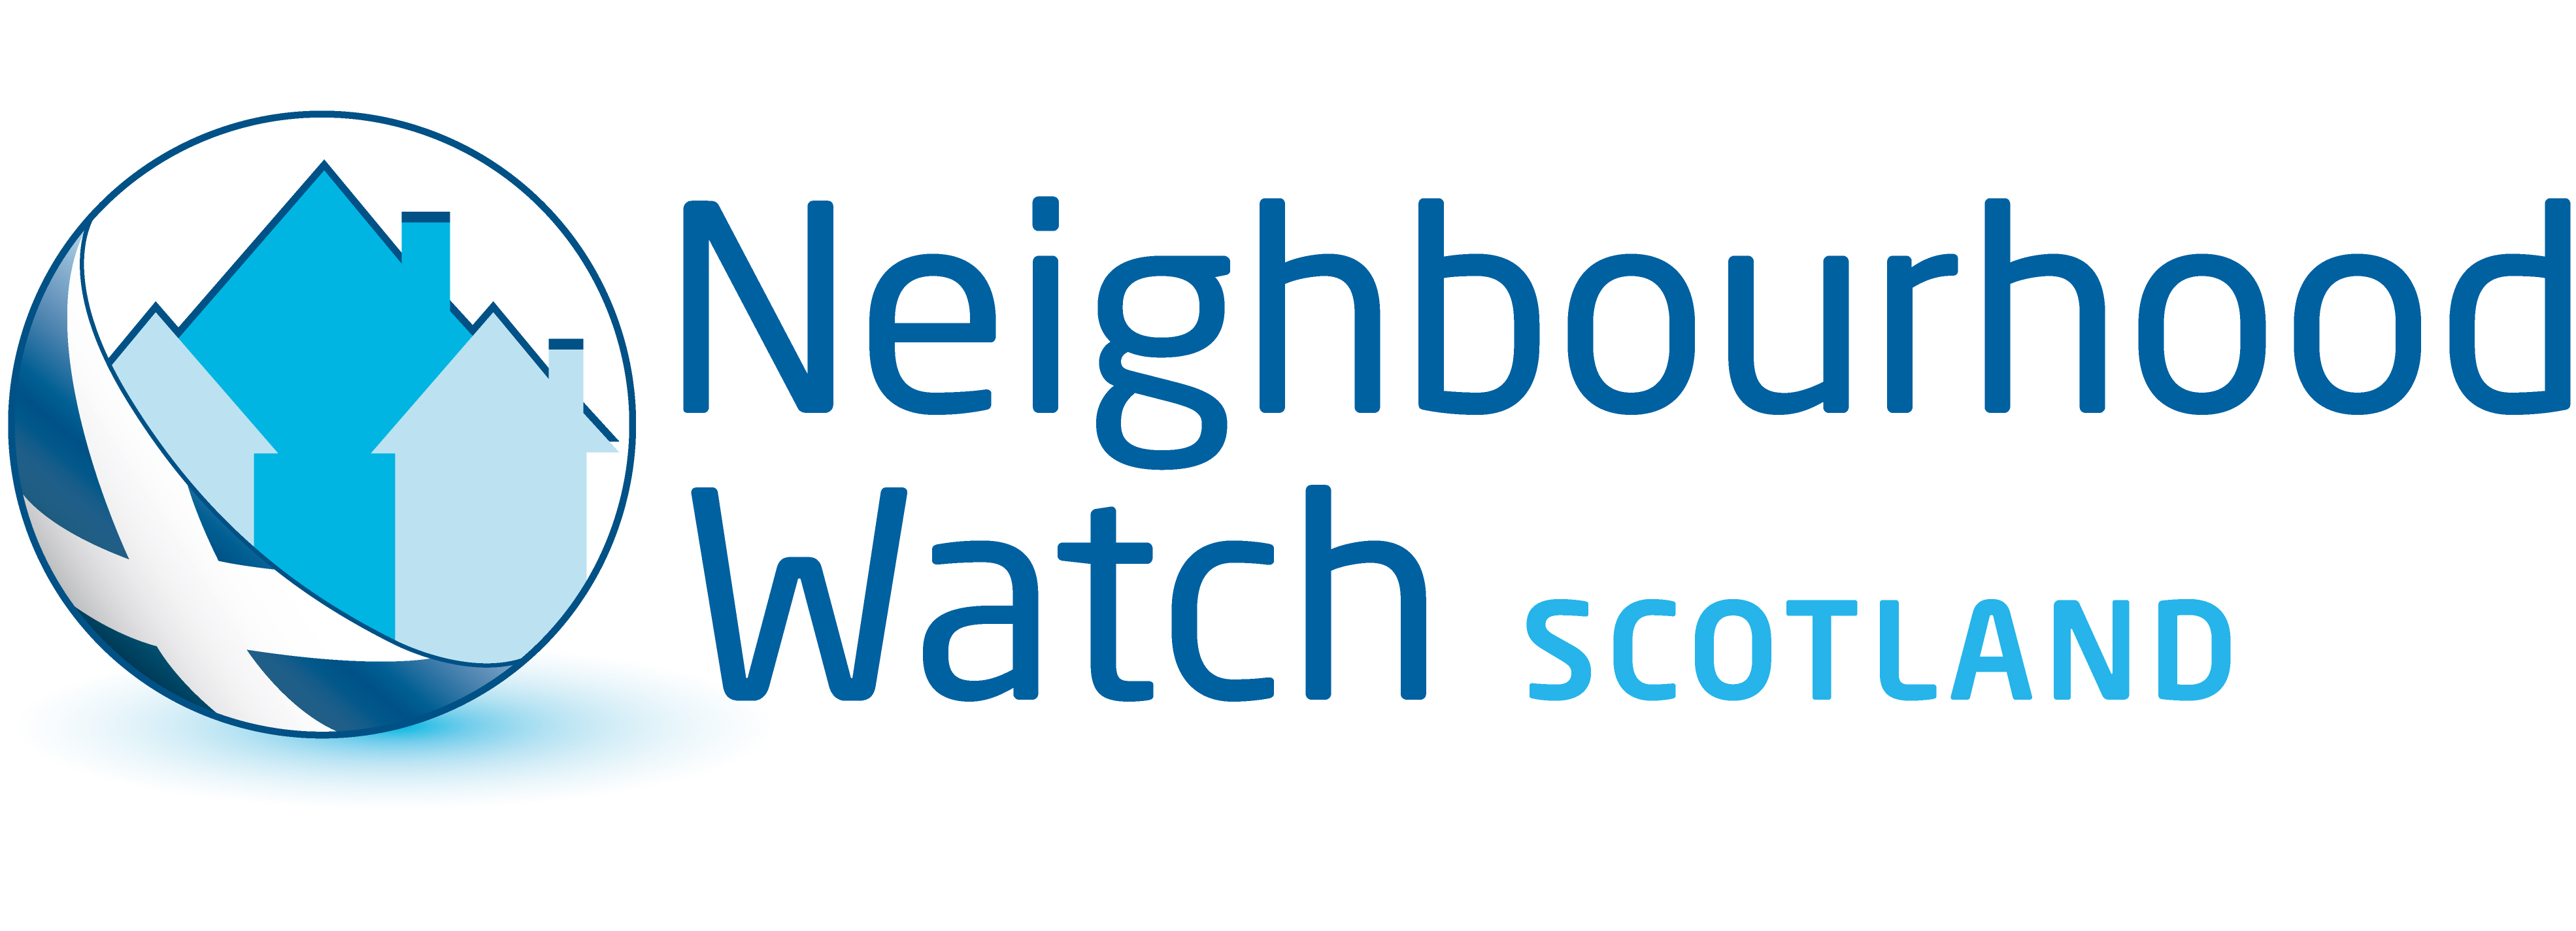 Neighbourhood Watch Scheme Scotland